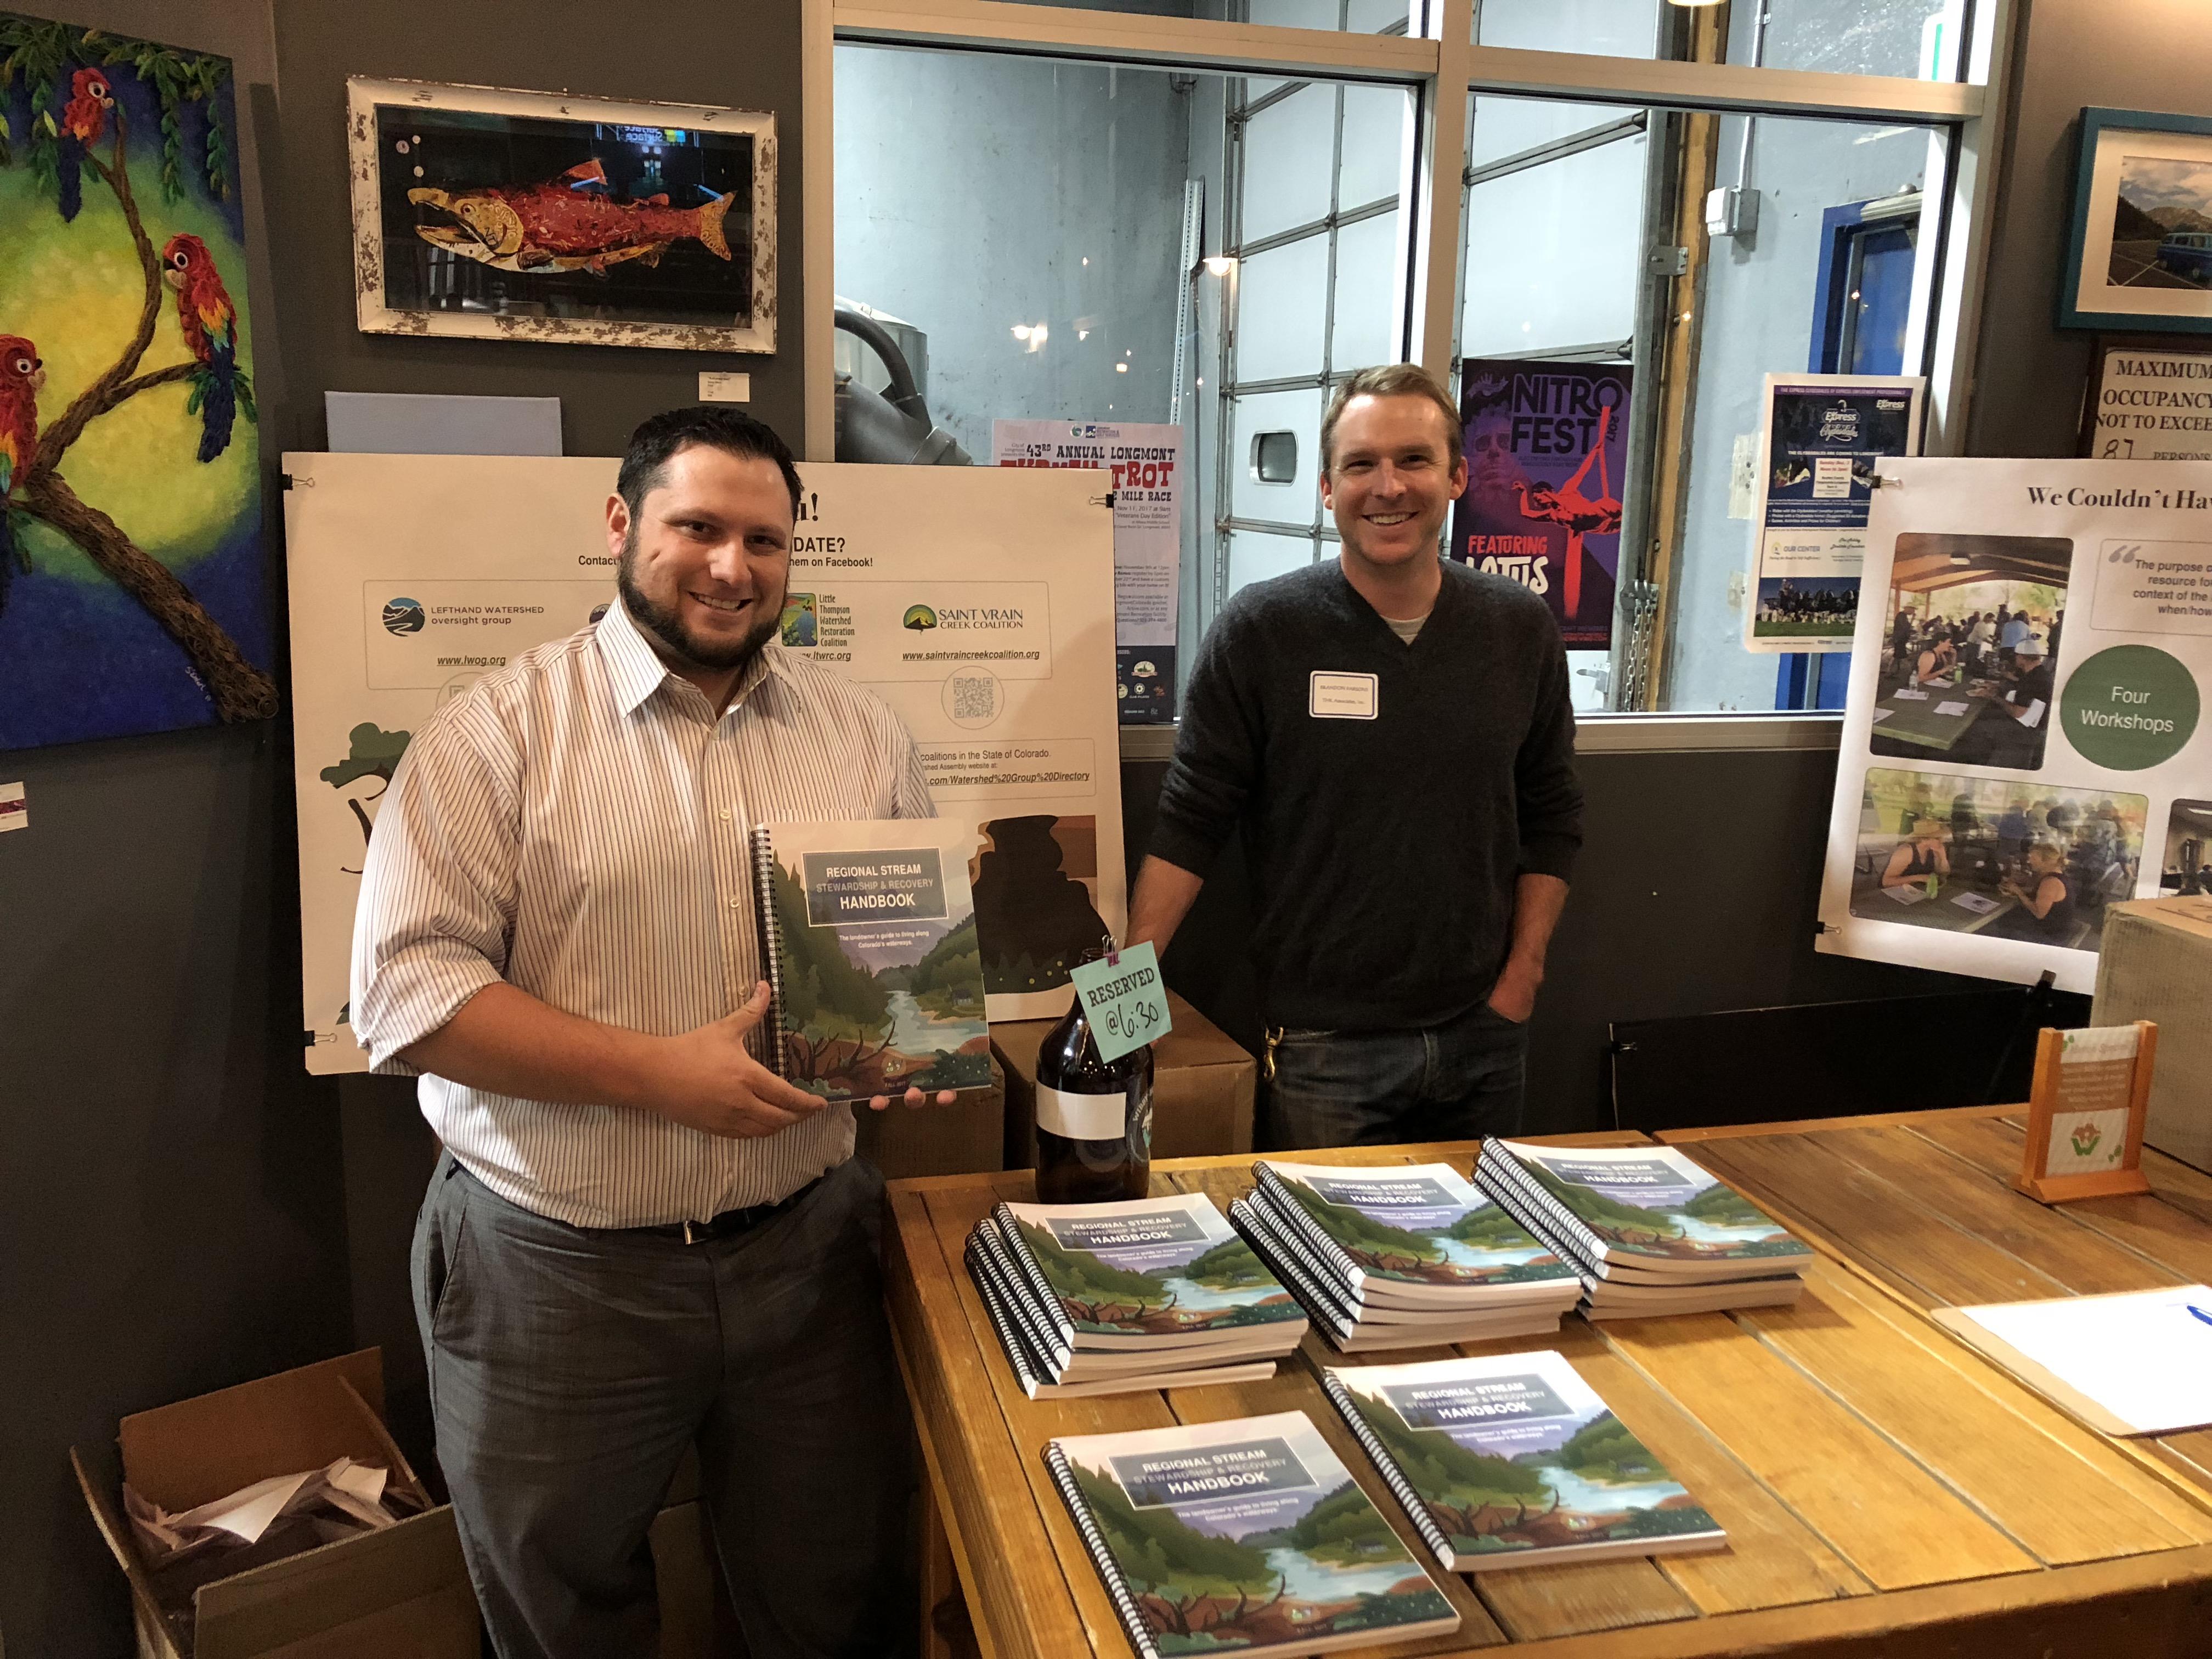 Handbook release event